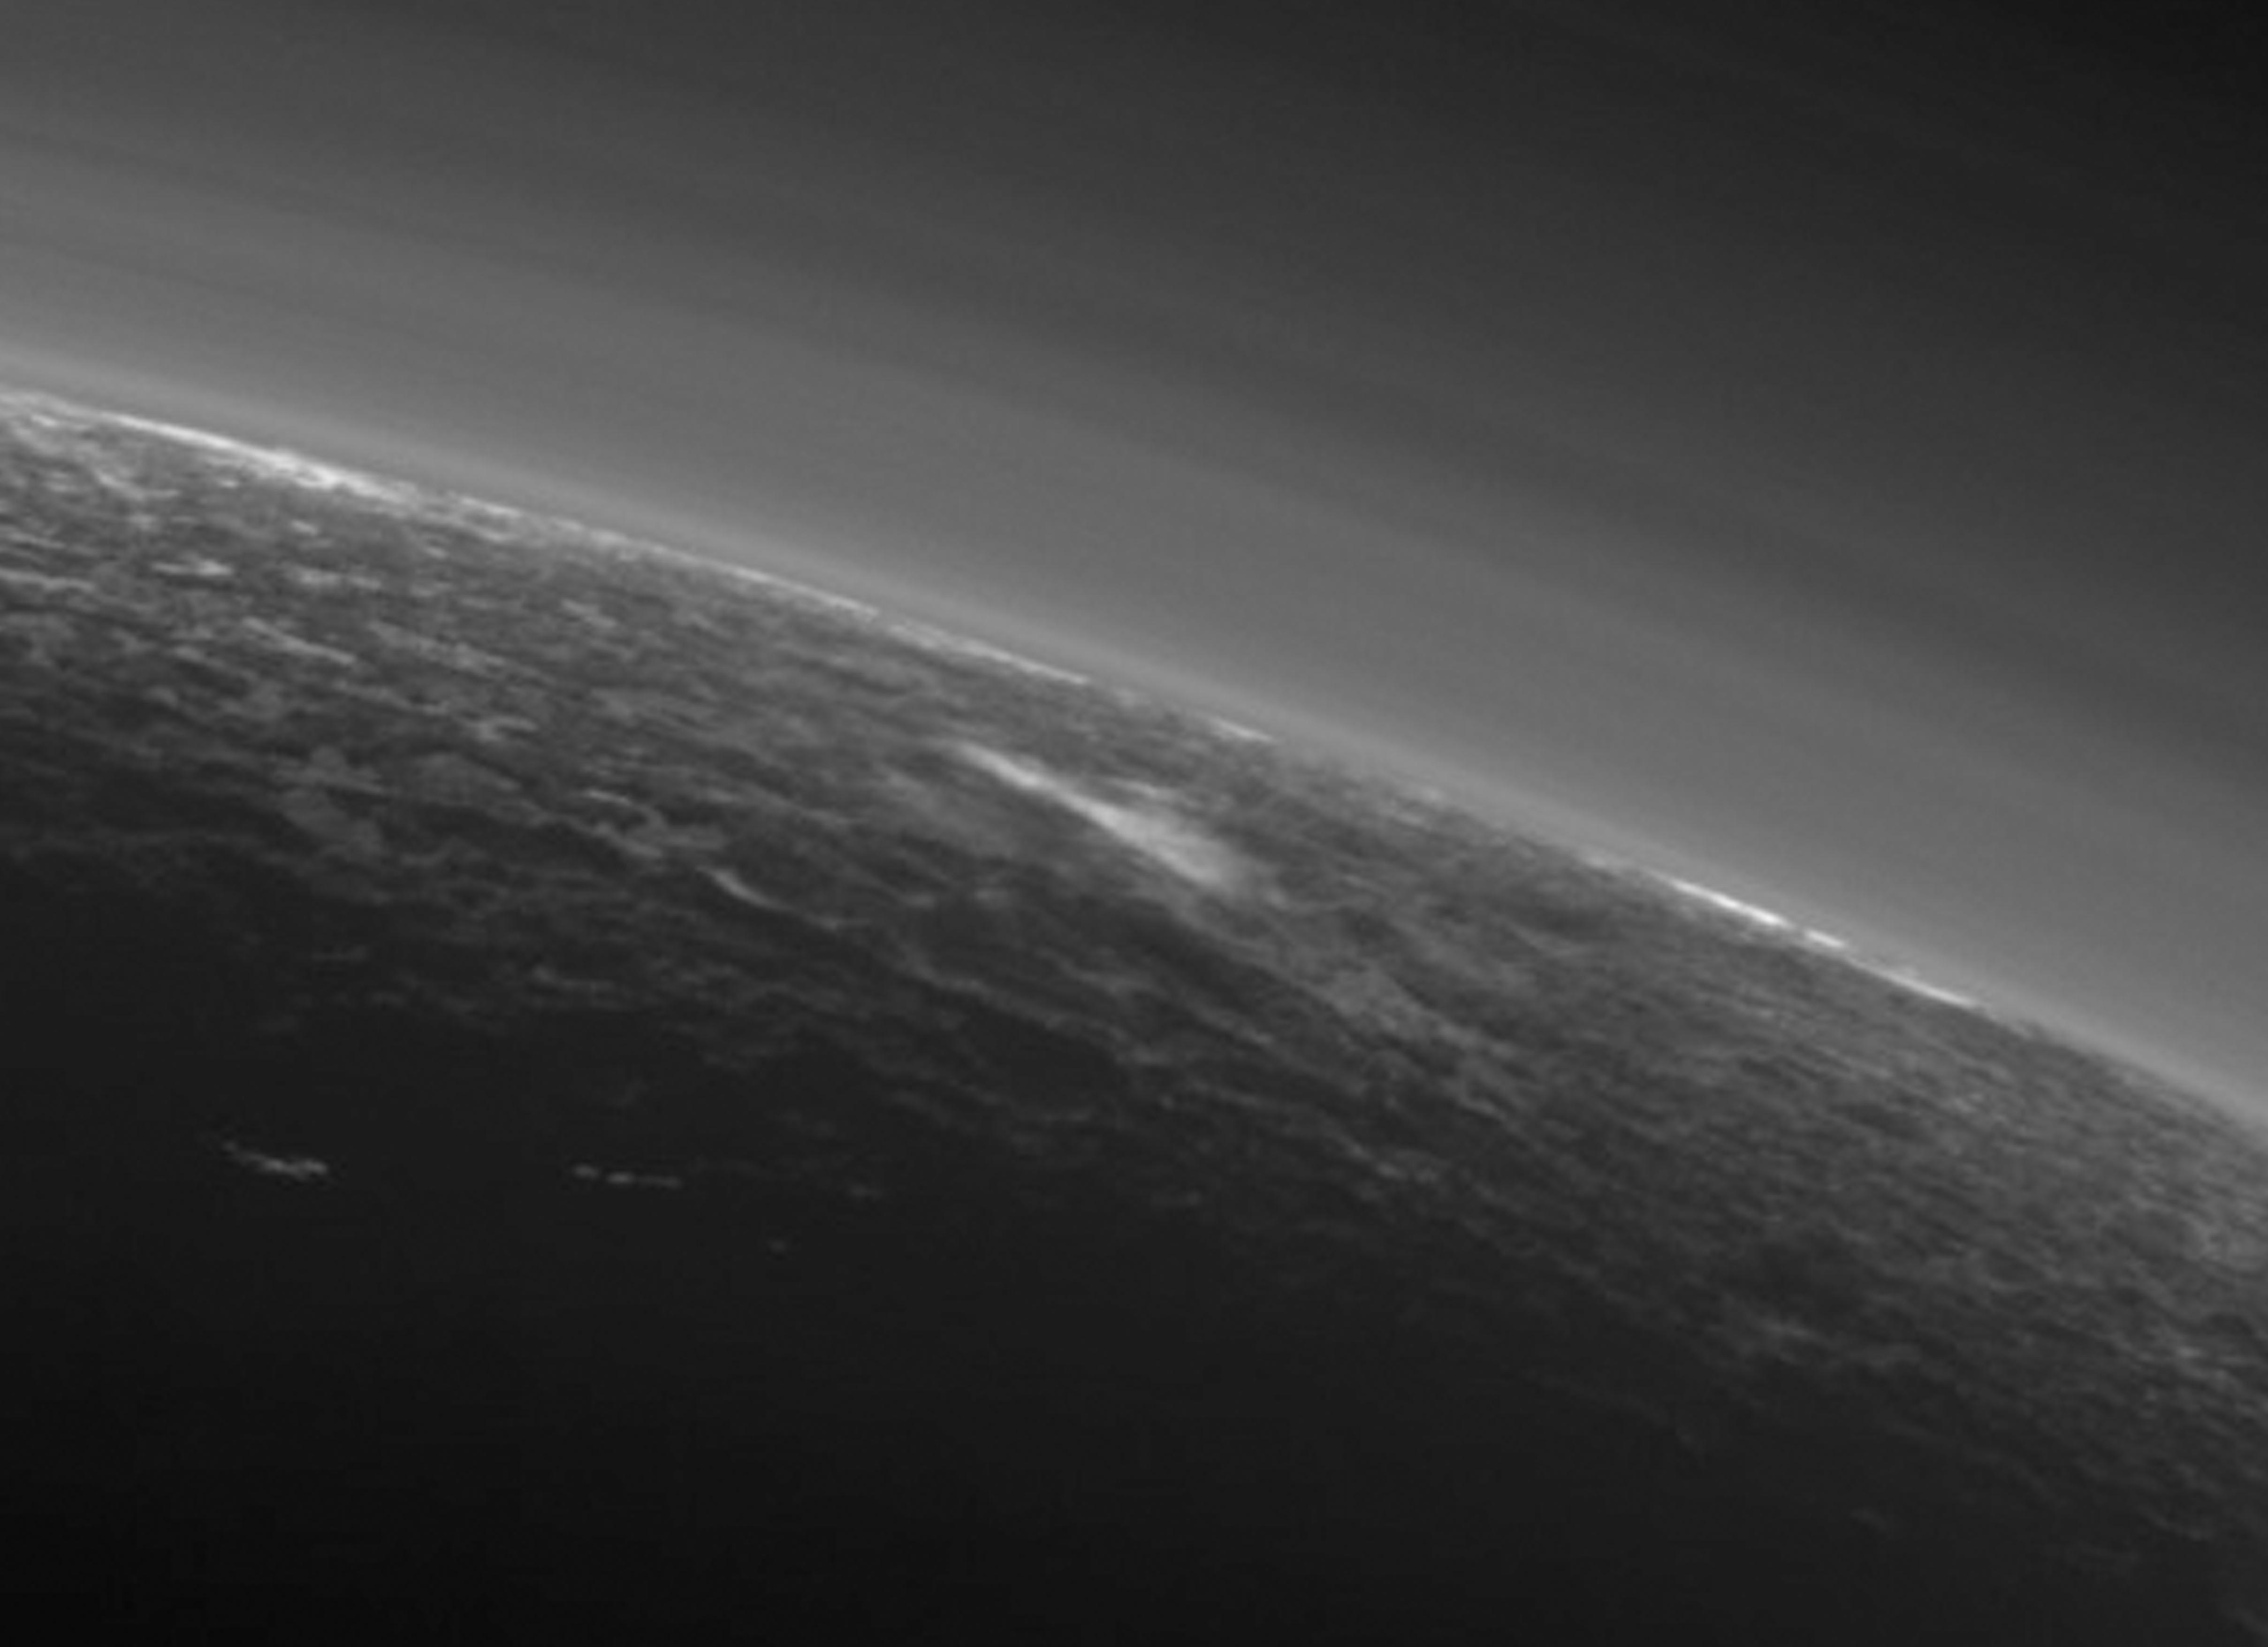 oort cloud images